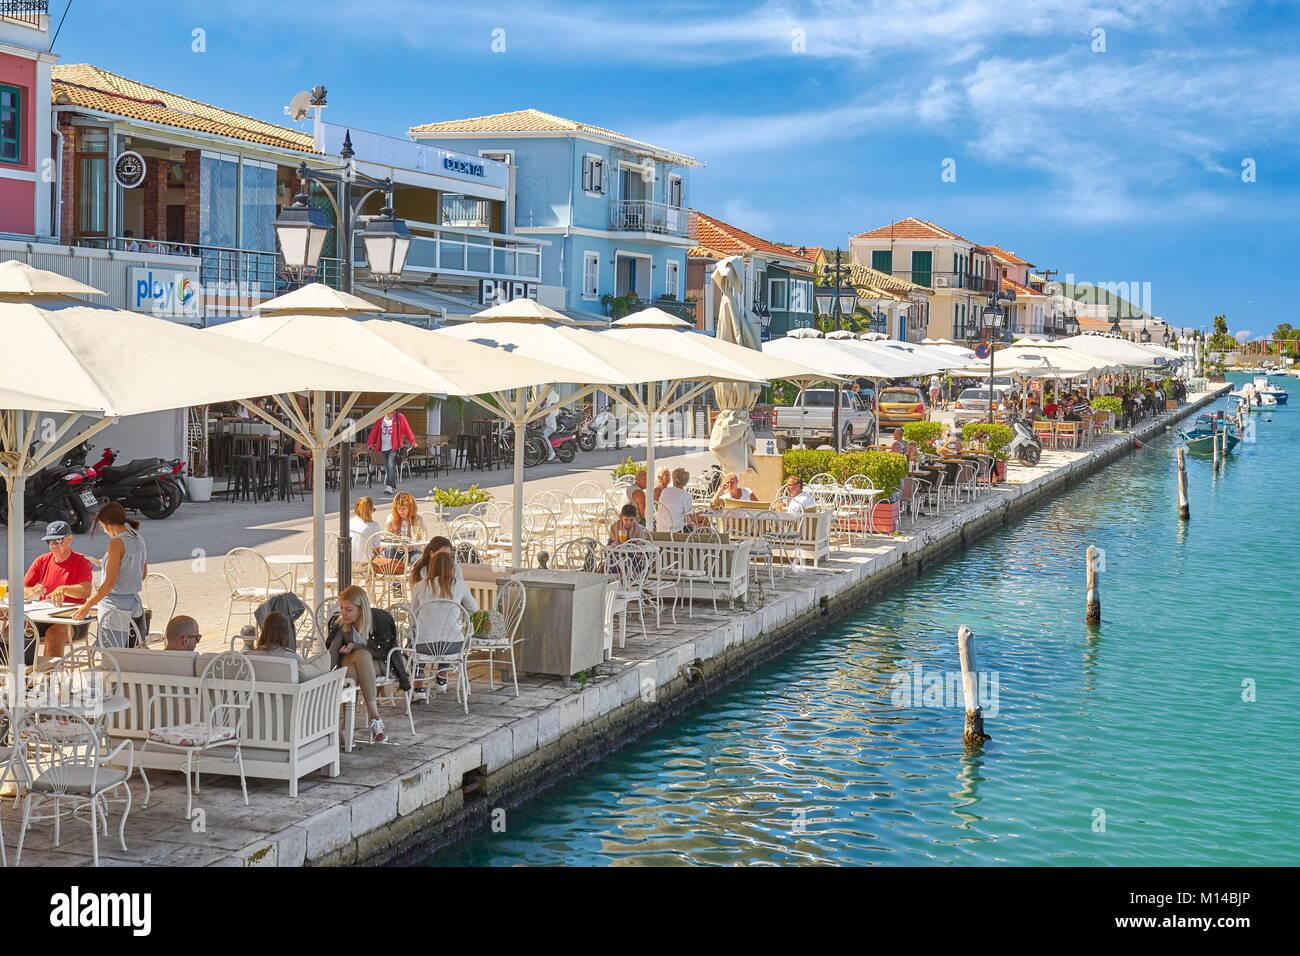 Lefkada town, Lefkada Island, Greece - Stock Image